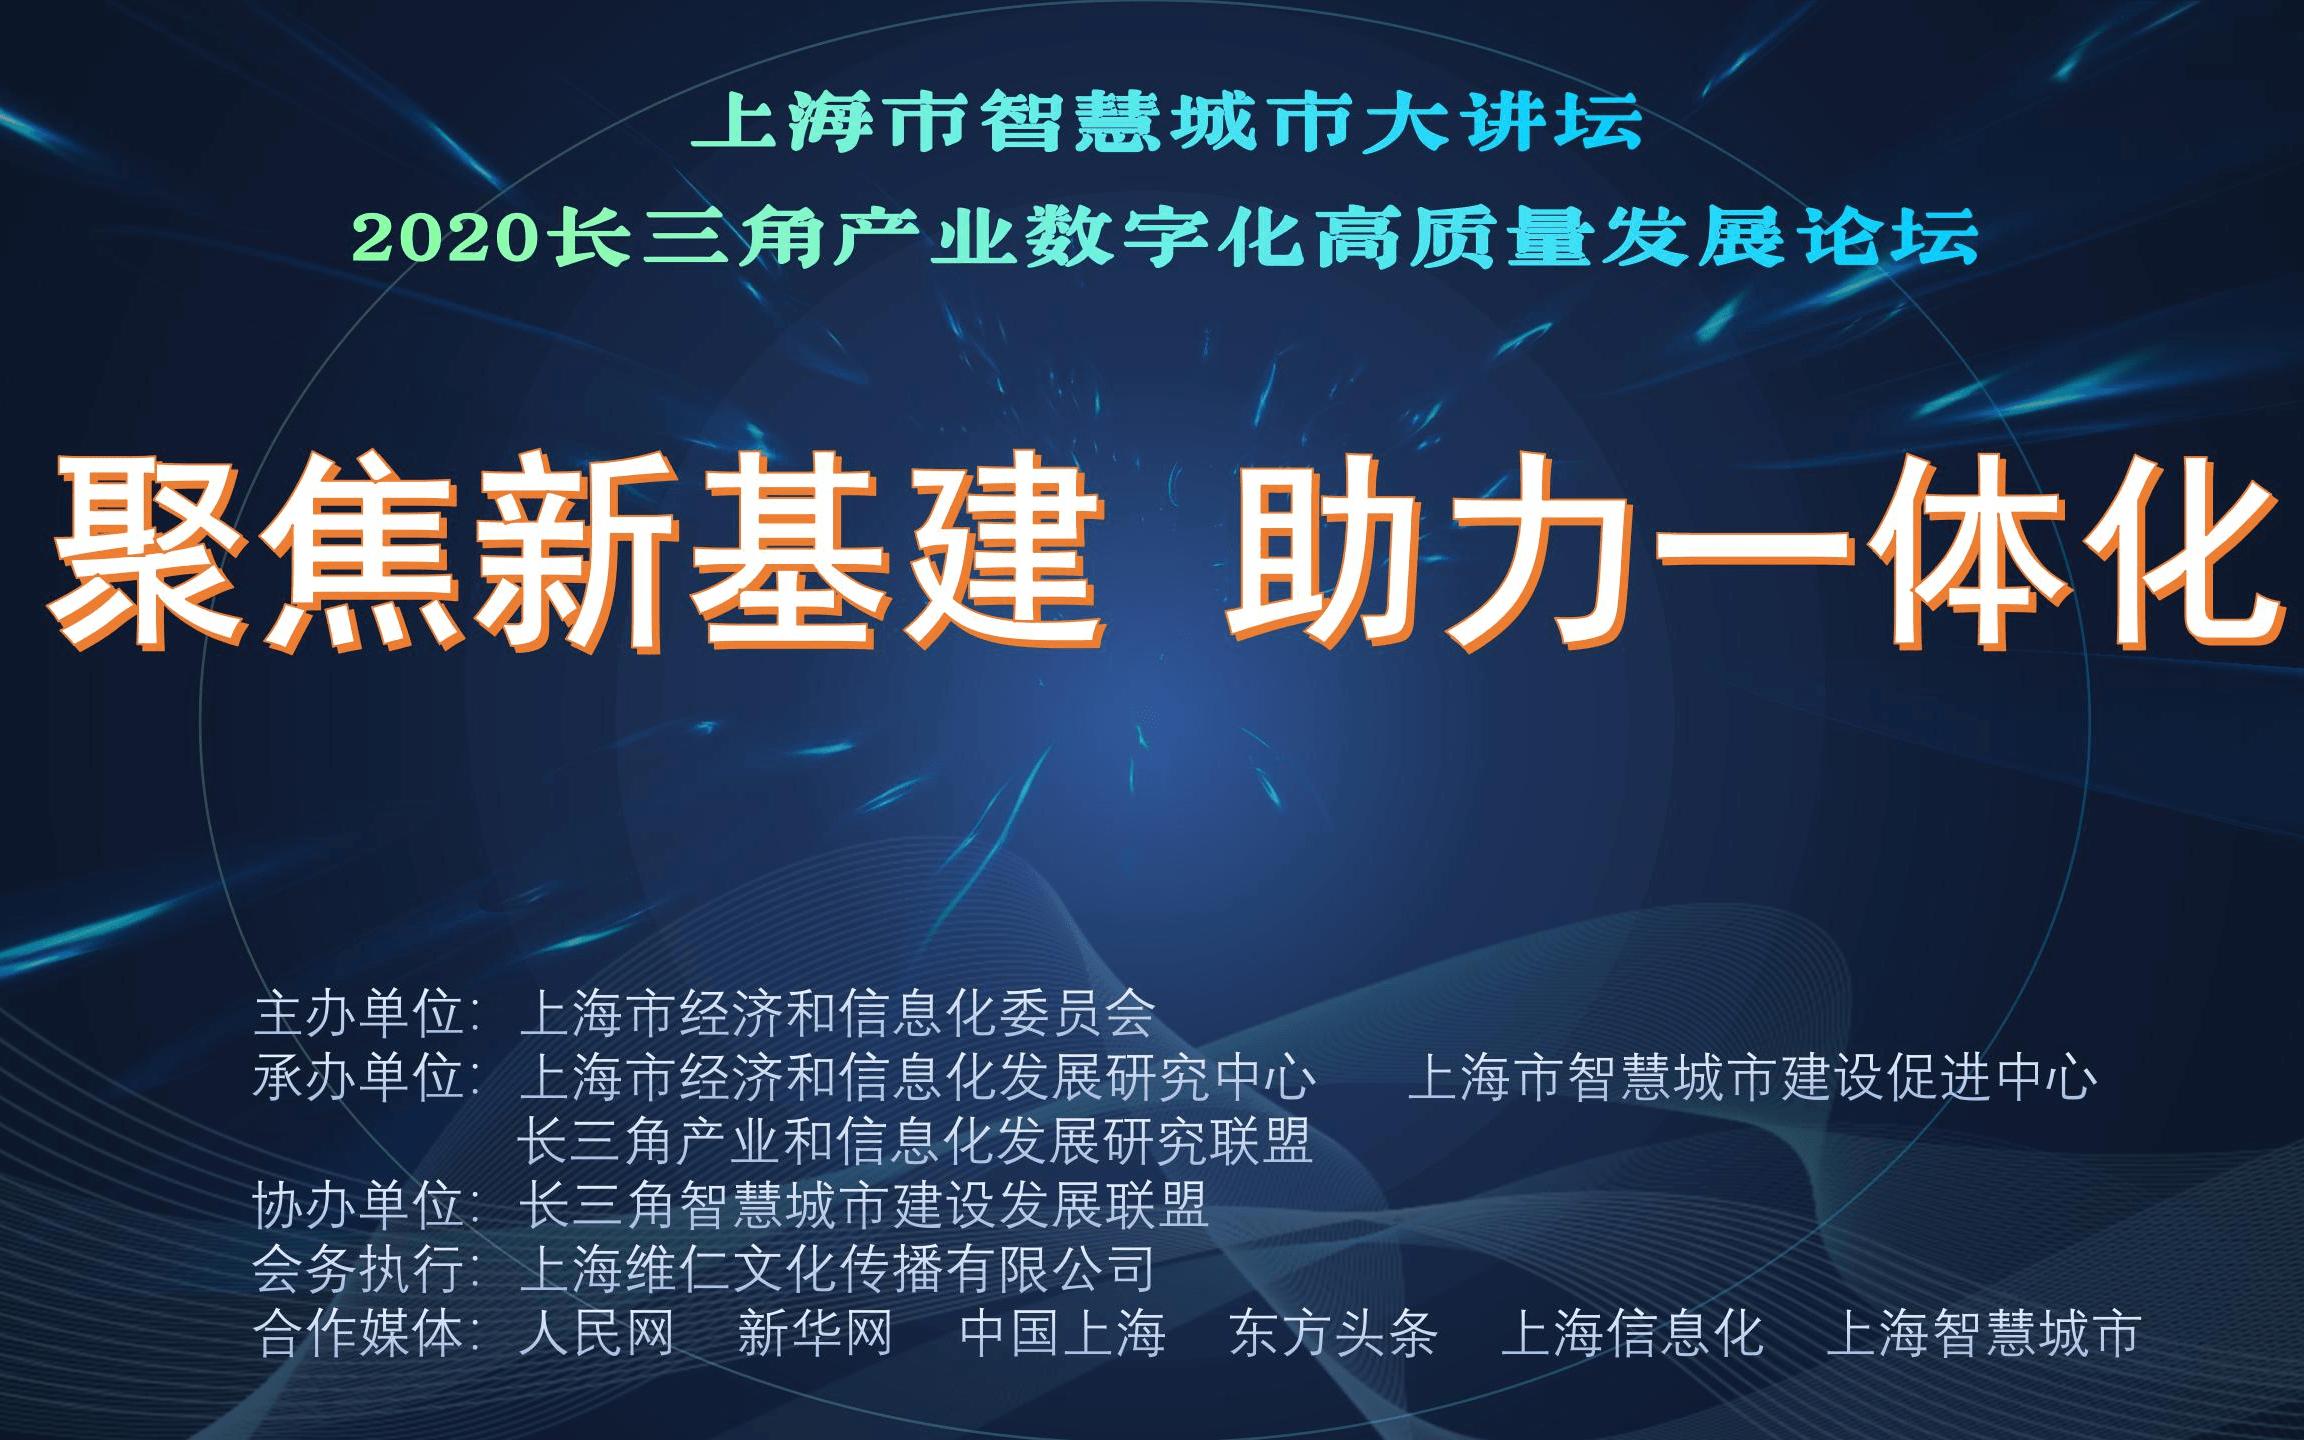 聚焦新基建 助力一体化 ---2020长三角产业数字化高质量发展论坛